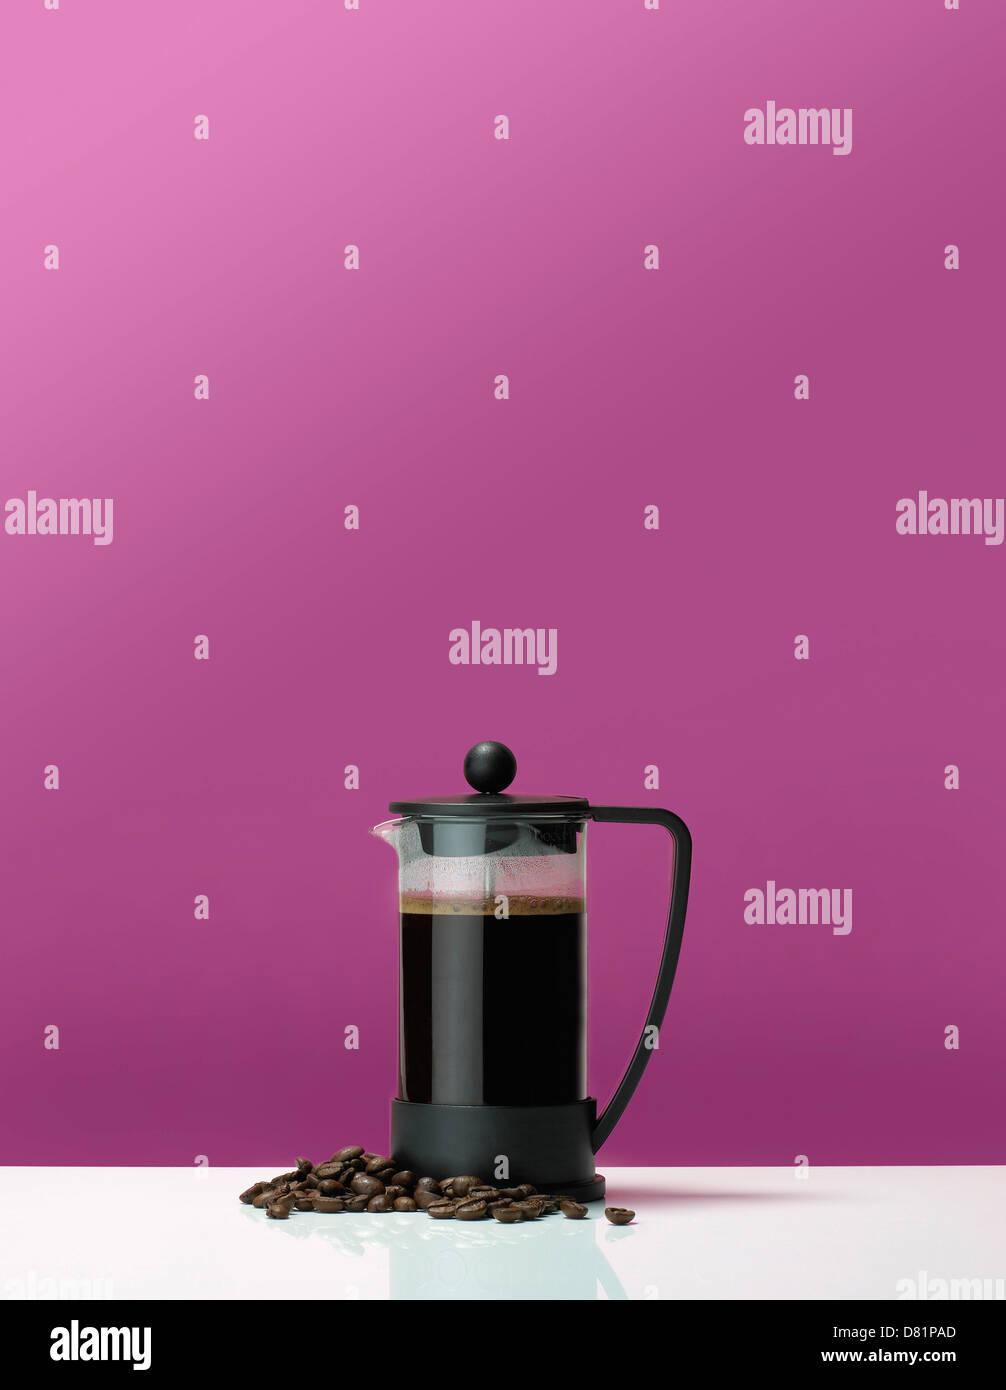 Cafetera cafetera sobre una mesa con granos de café contra un fondo de color rosa Foto de stock